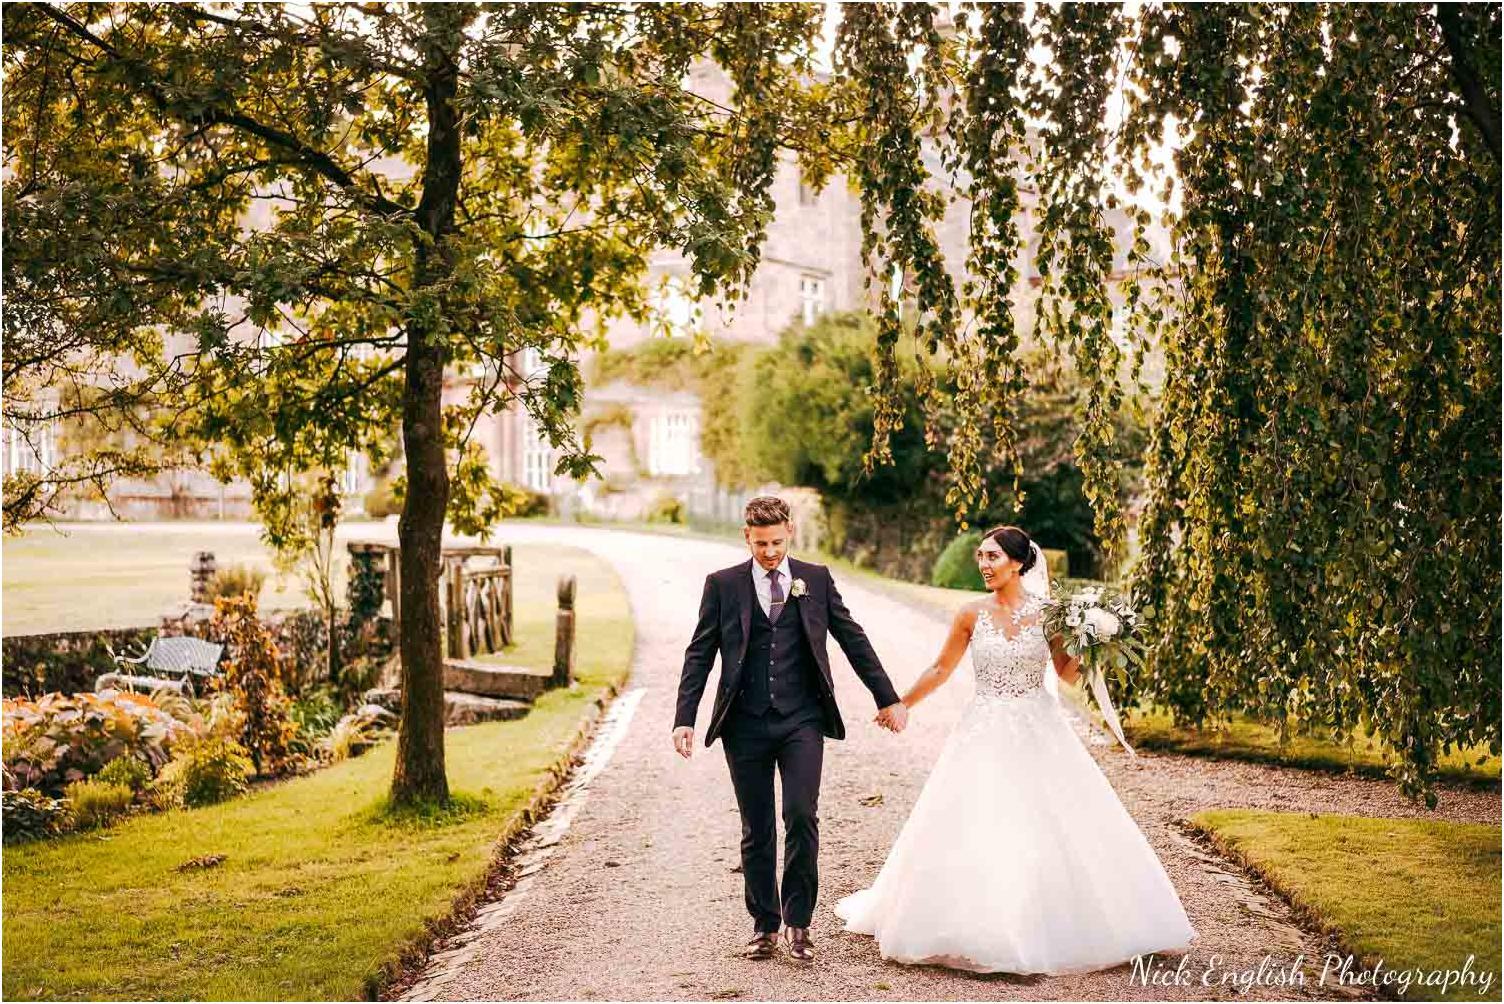 Browsholme_Hall_Barn_Wedding_Nick_English_Photography-164.jpg